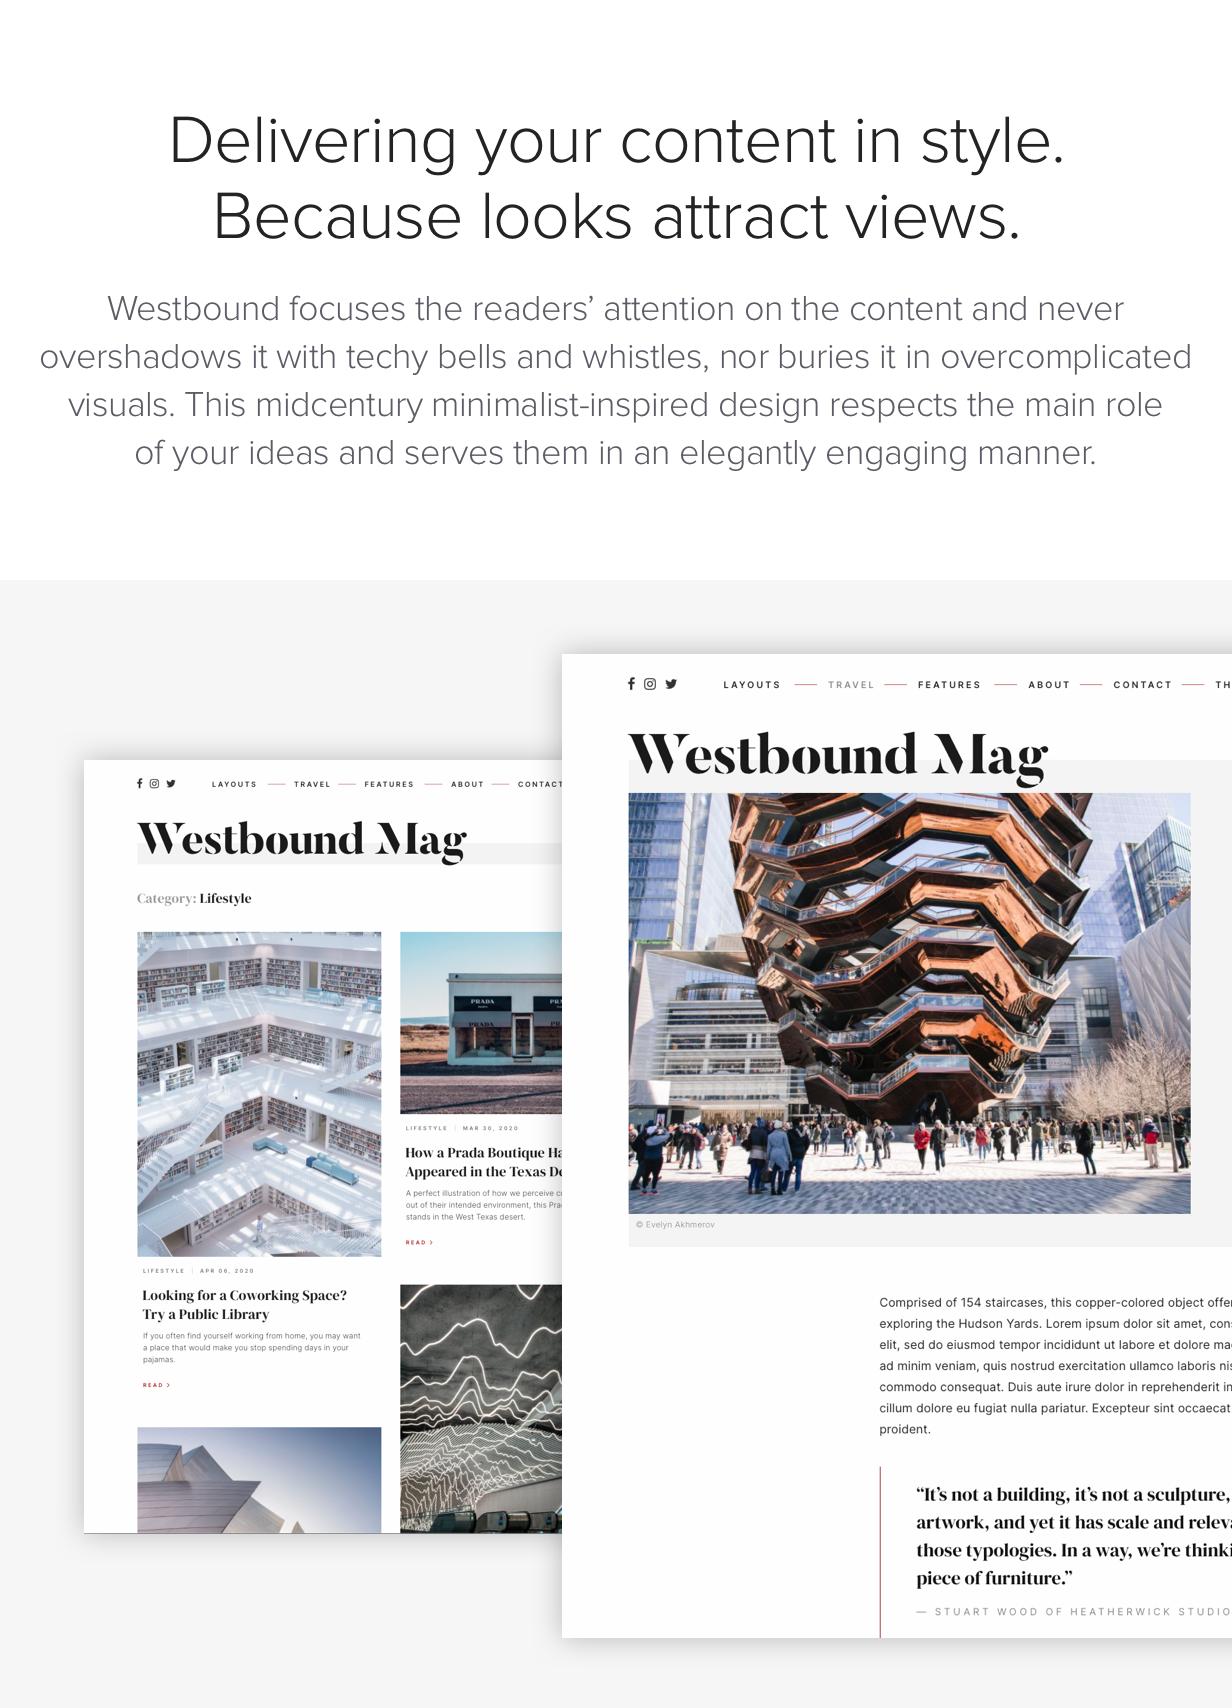 Westbound - Ein Storyful WordPress Blogging Theme - 1